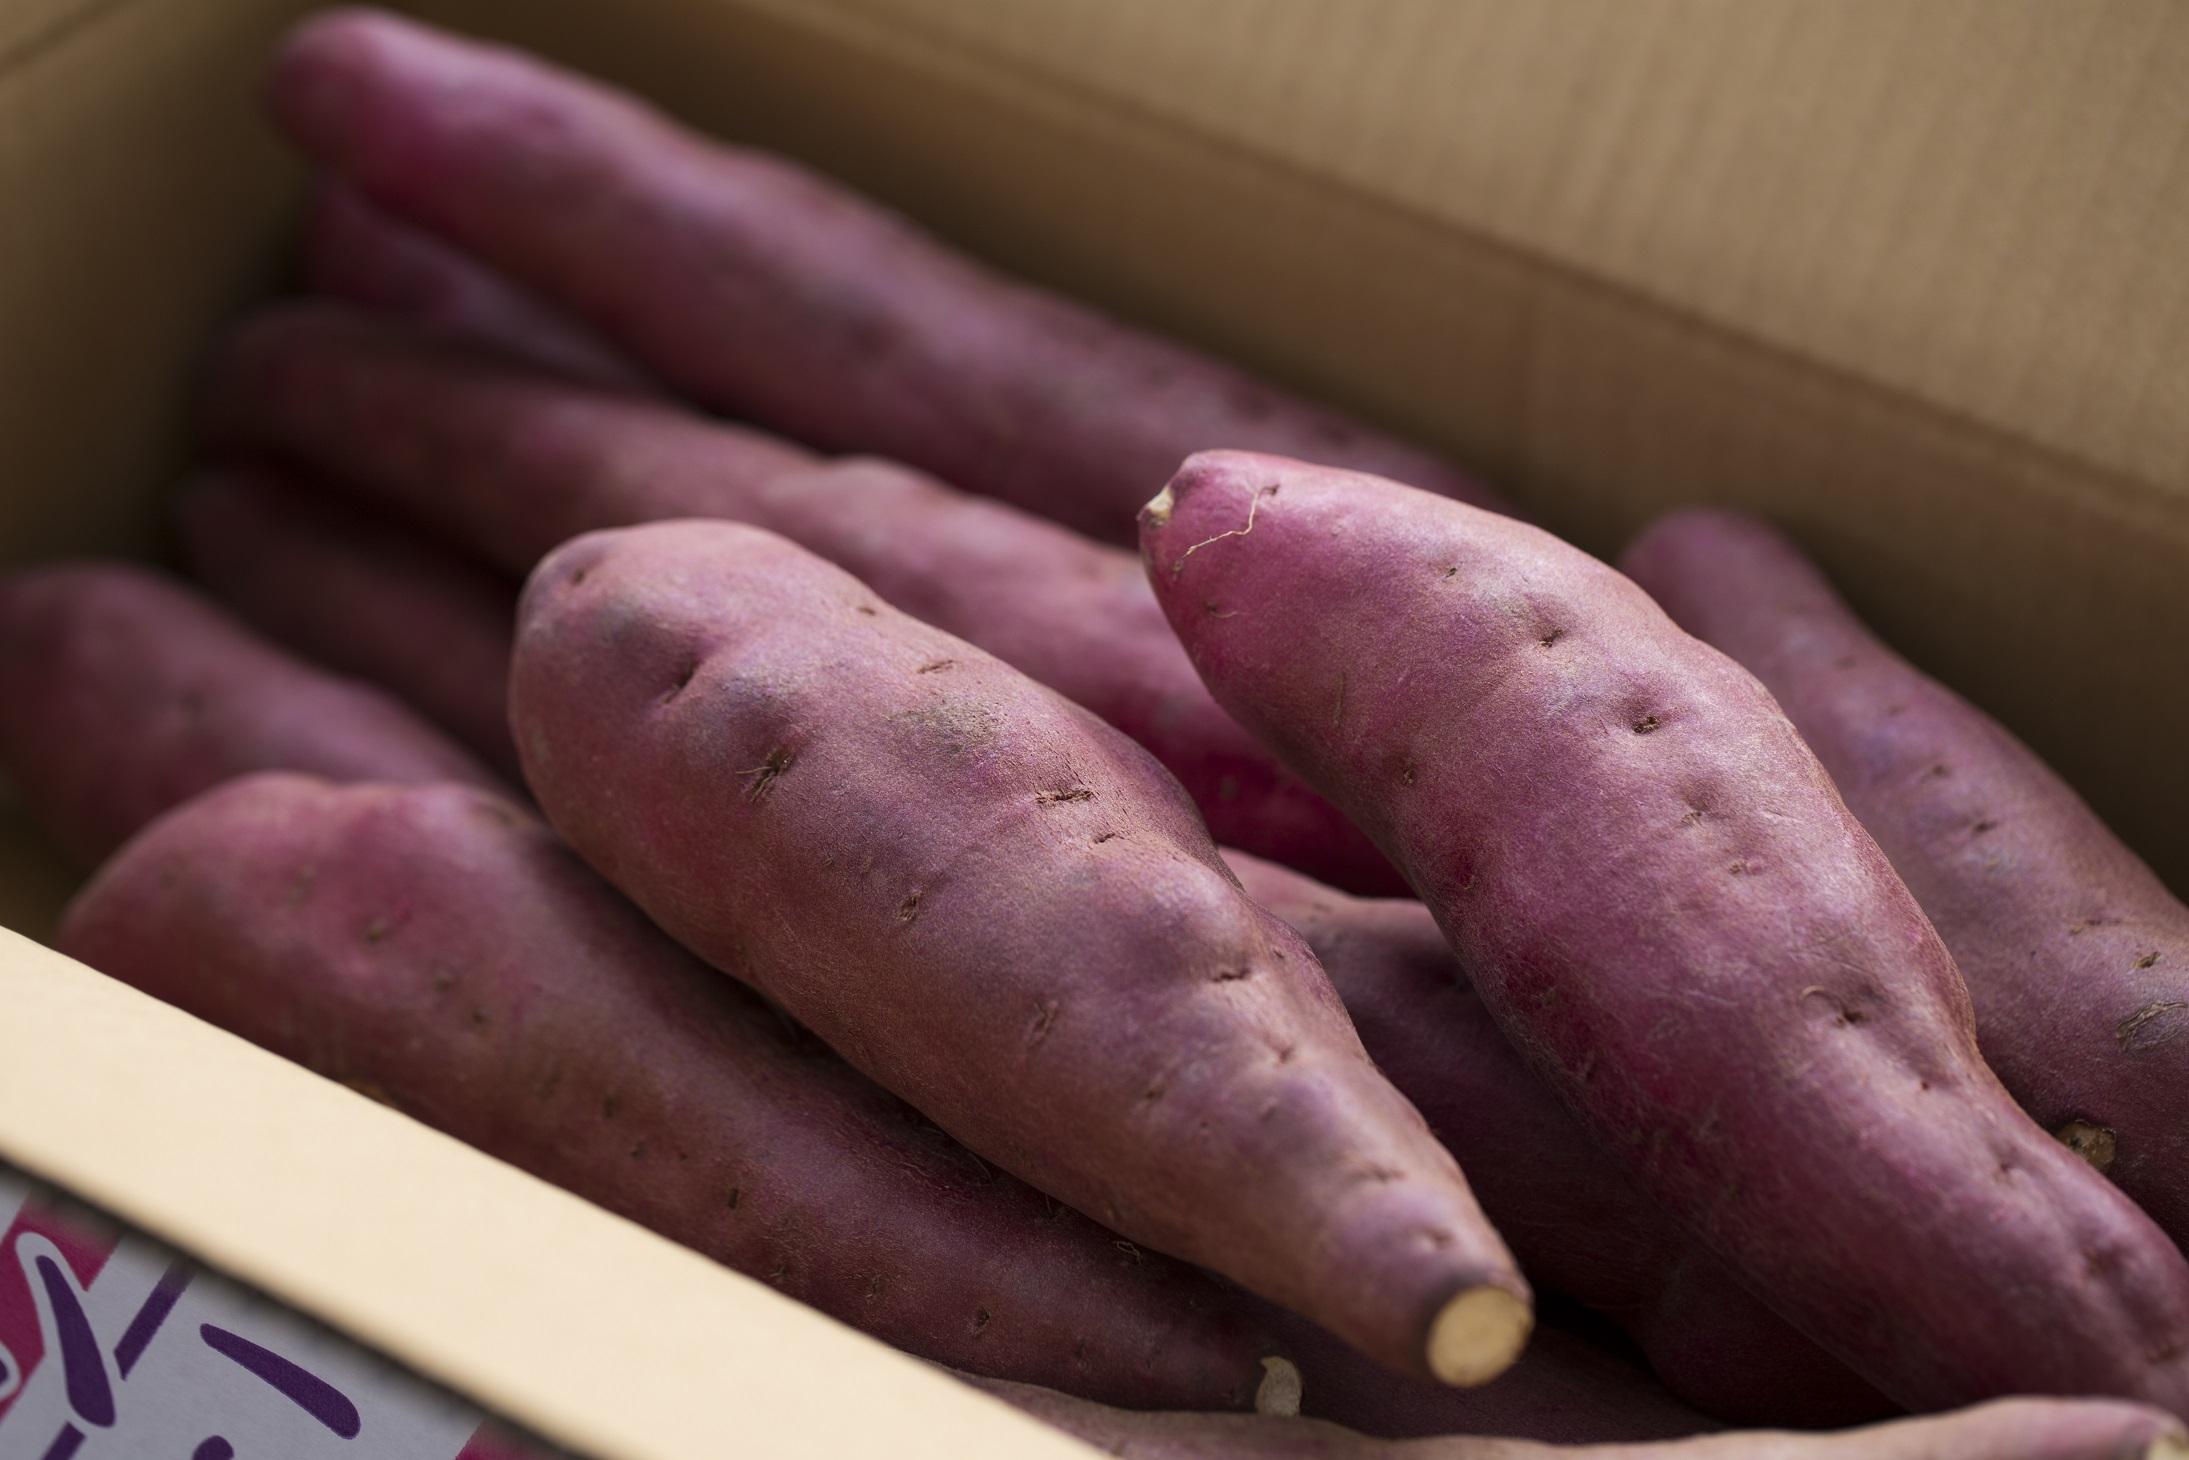 京都丹後で栽培されたさつまいも 【まいこ金時】5キロ箱【専用箱入り】